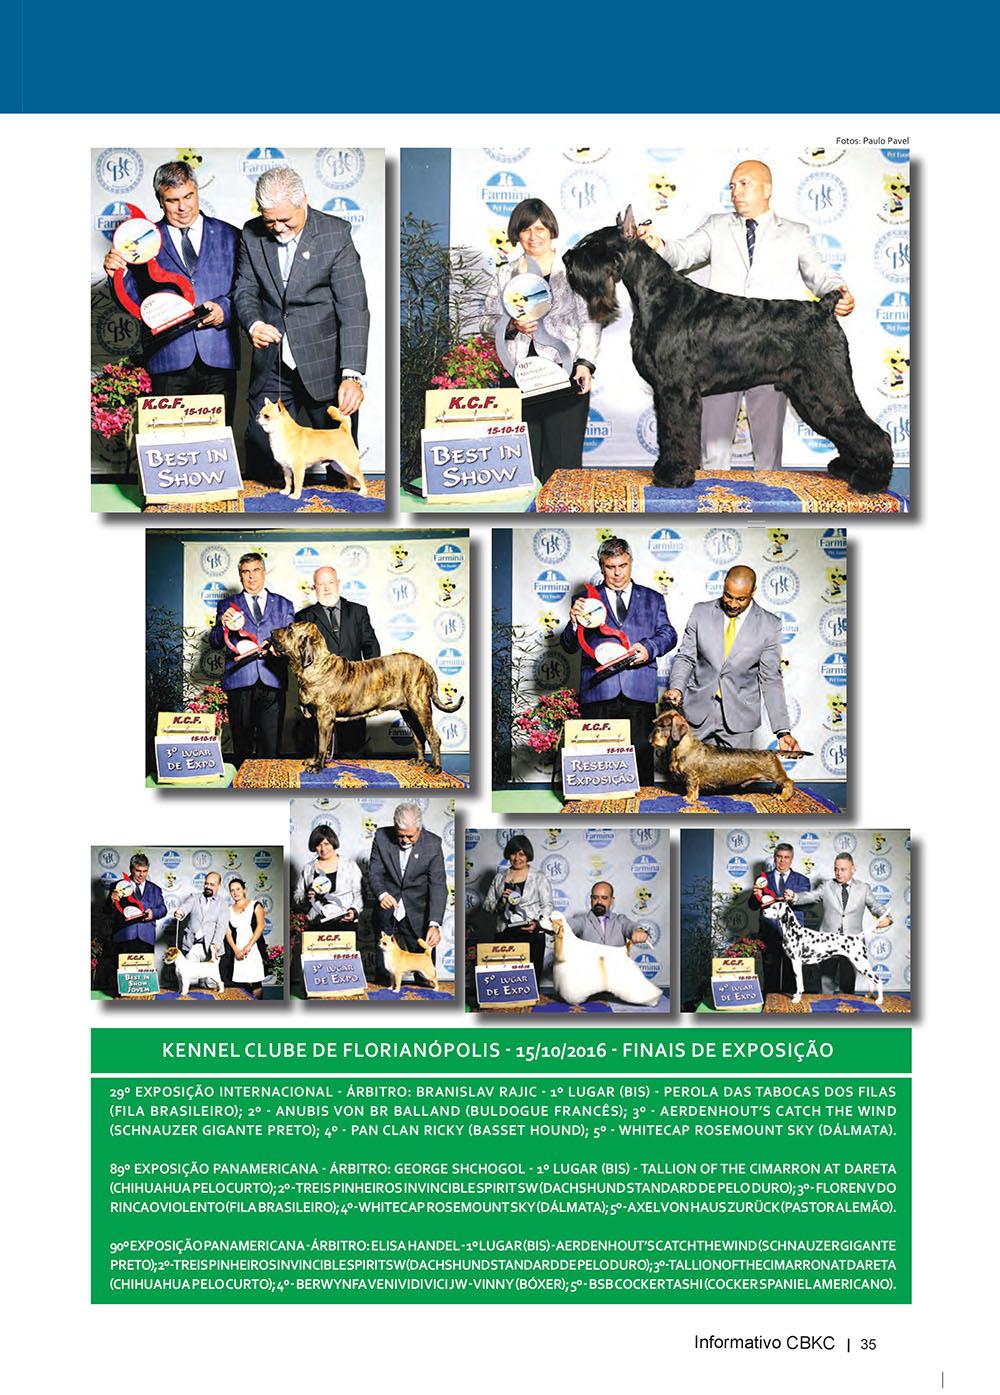 Pagina 35  Edição 53 do Informativo CBKC